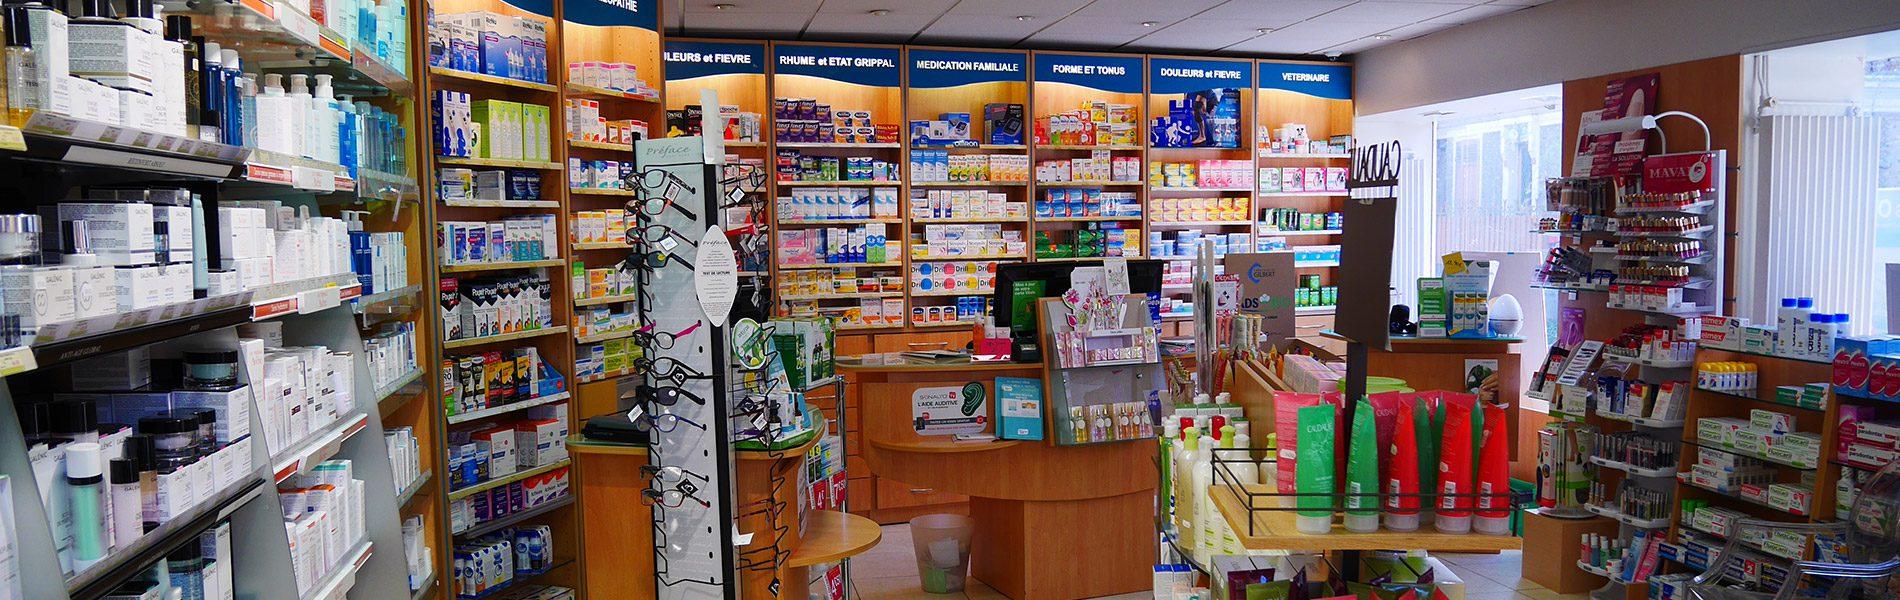 Pharmacie DU LAVOIR - Image Homepage 2